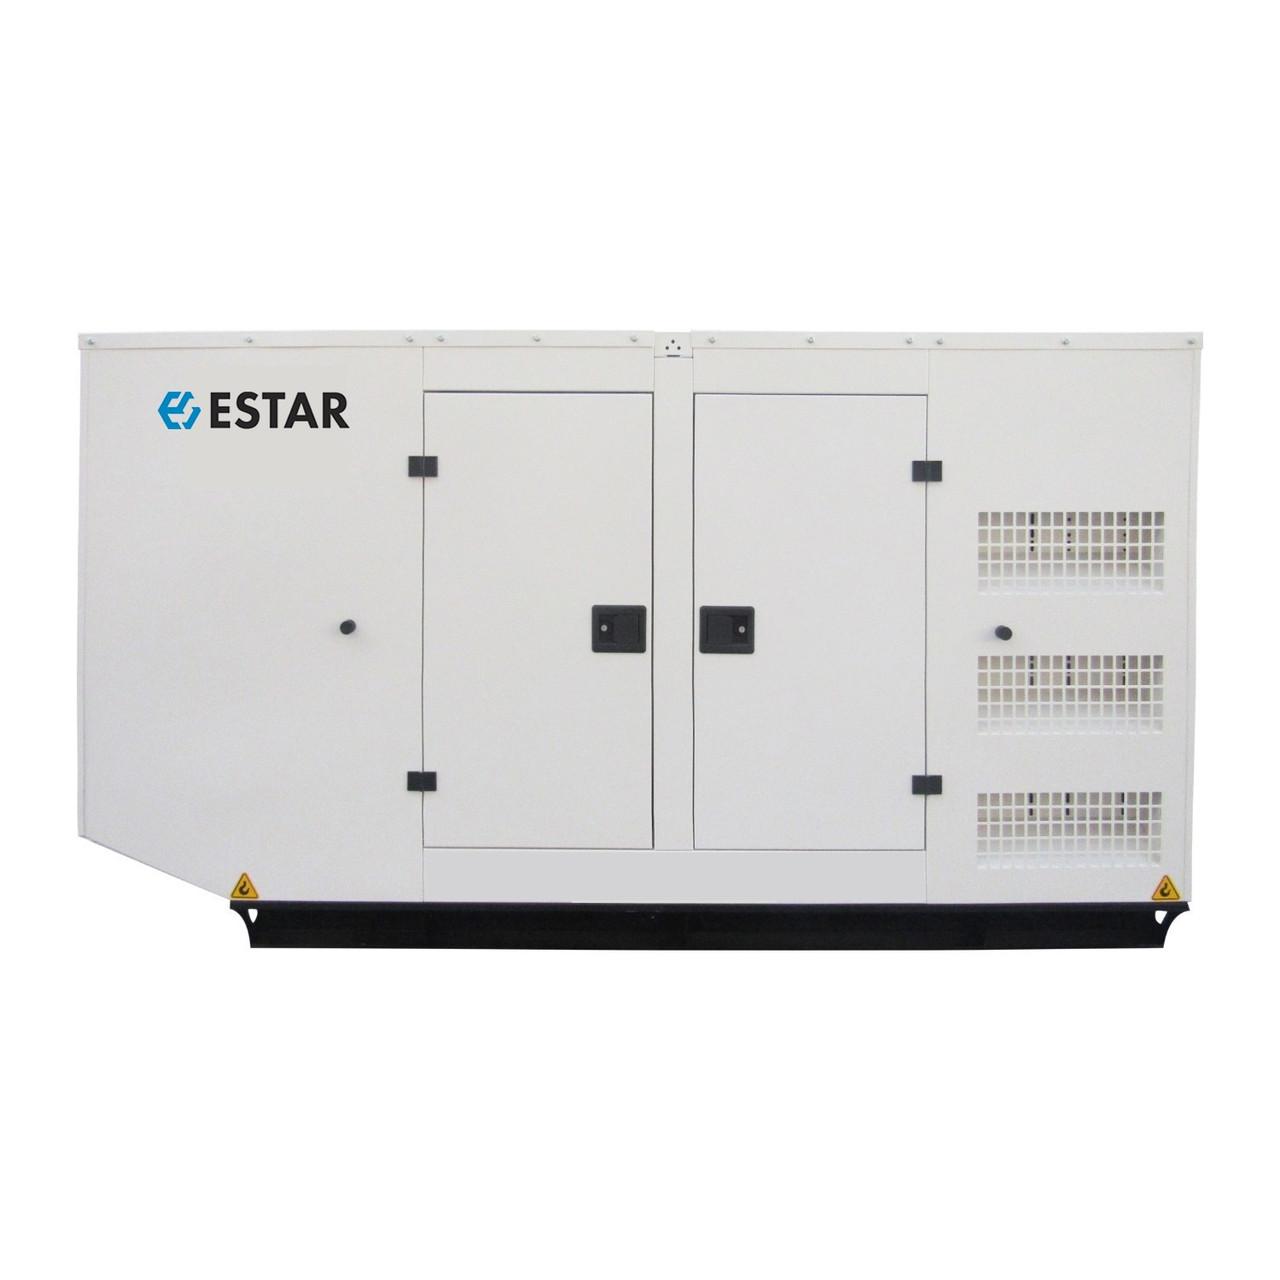 ⚡ESTAR ES125-RSA (100 кВт) + АВР (подогрев и автоматический запуск)